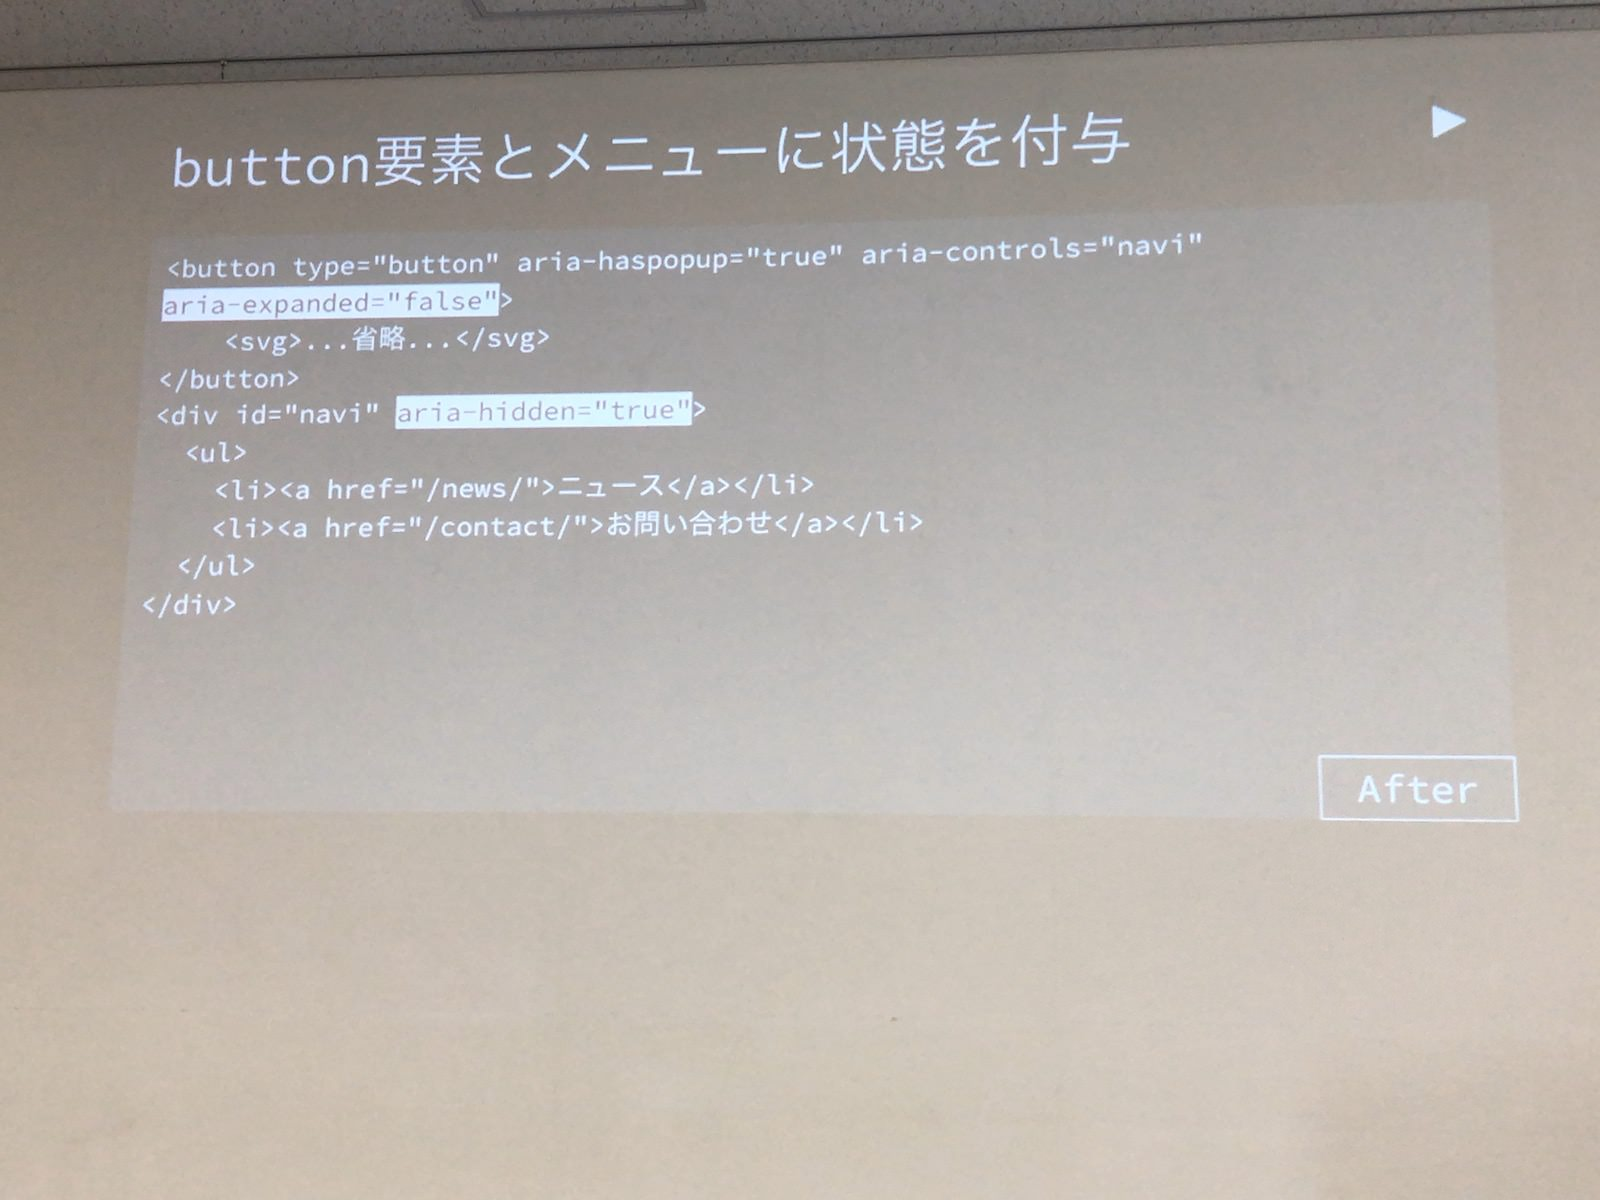 aria-expandedとaria-hiddenを使用したマークアップ例